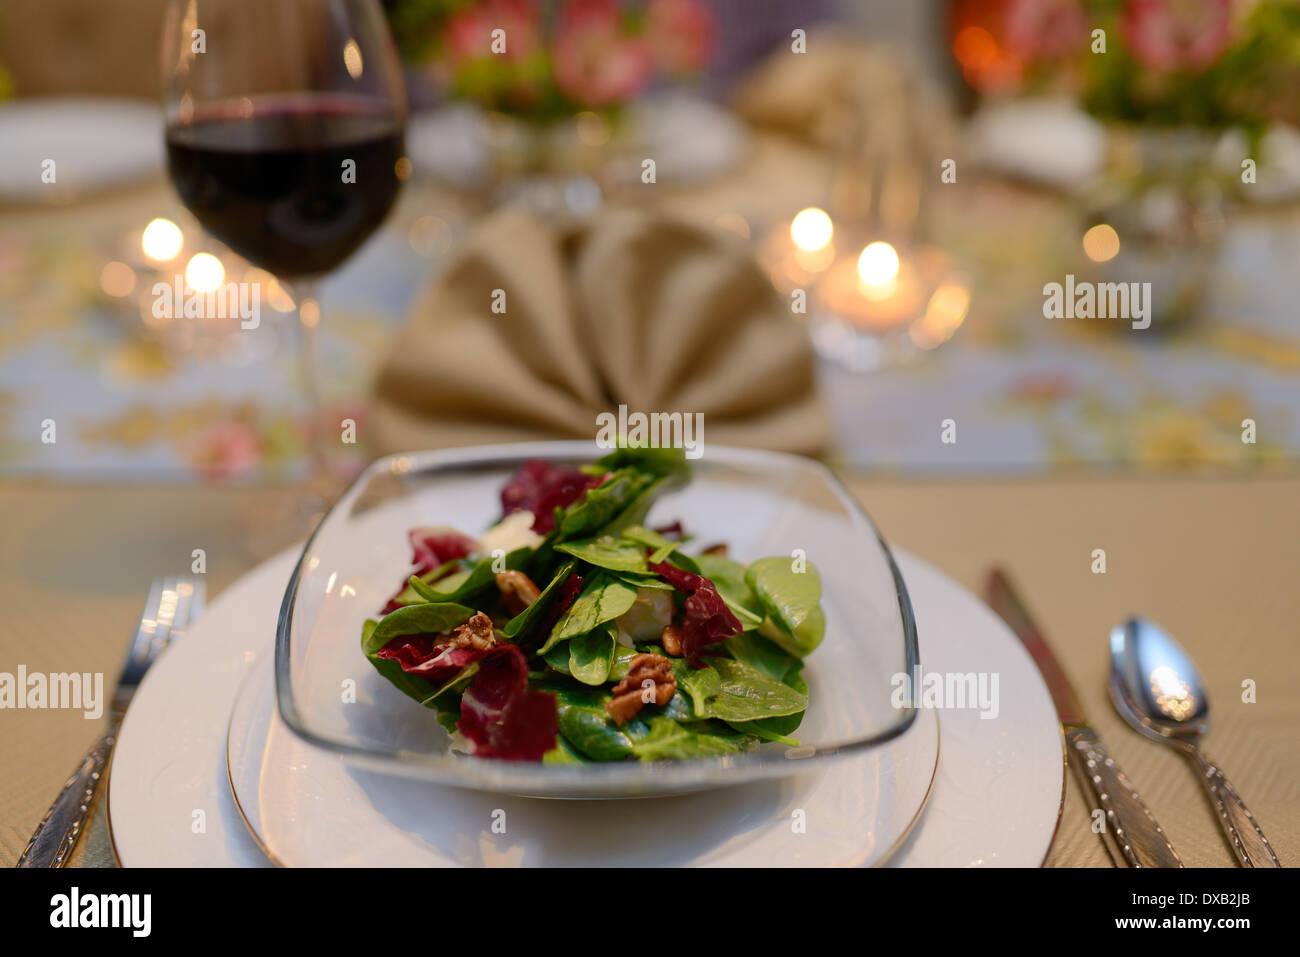 Primo corso insalata in home sala da pranzo tavolo per una cena con il tovagliolo e vino rosso Immagini Stock